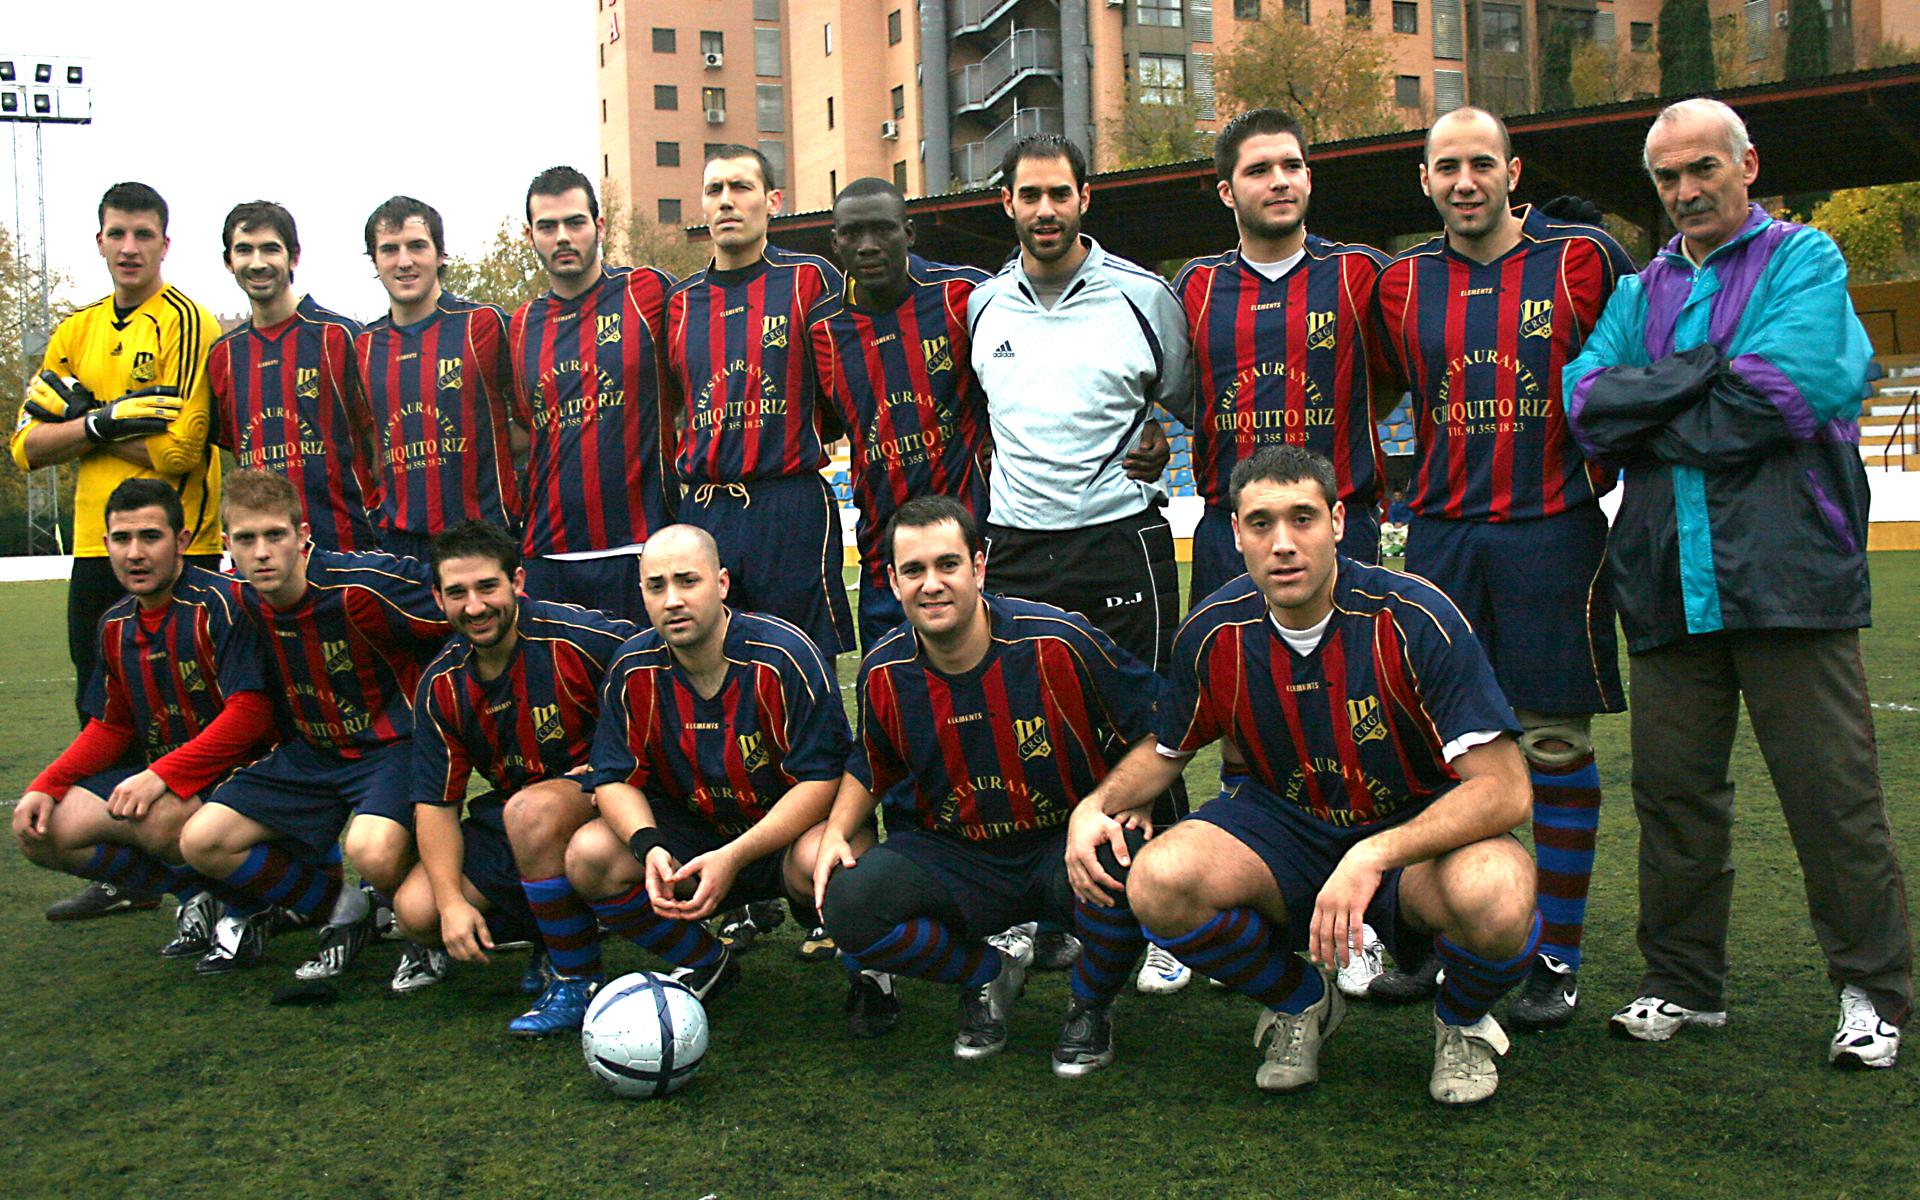 23.Equipo último ascenso 2012